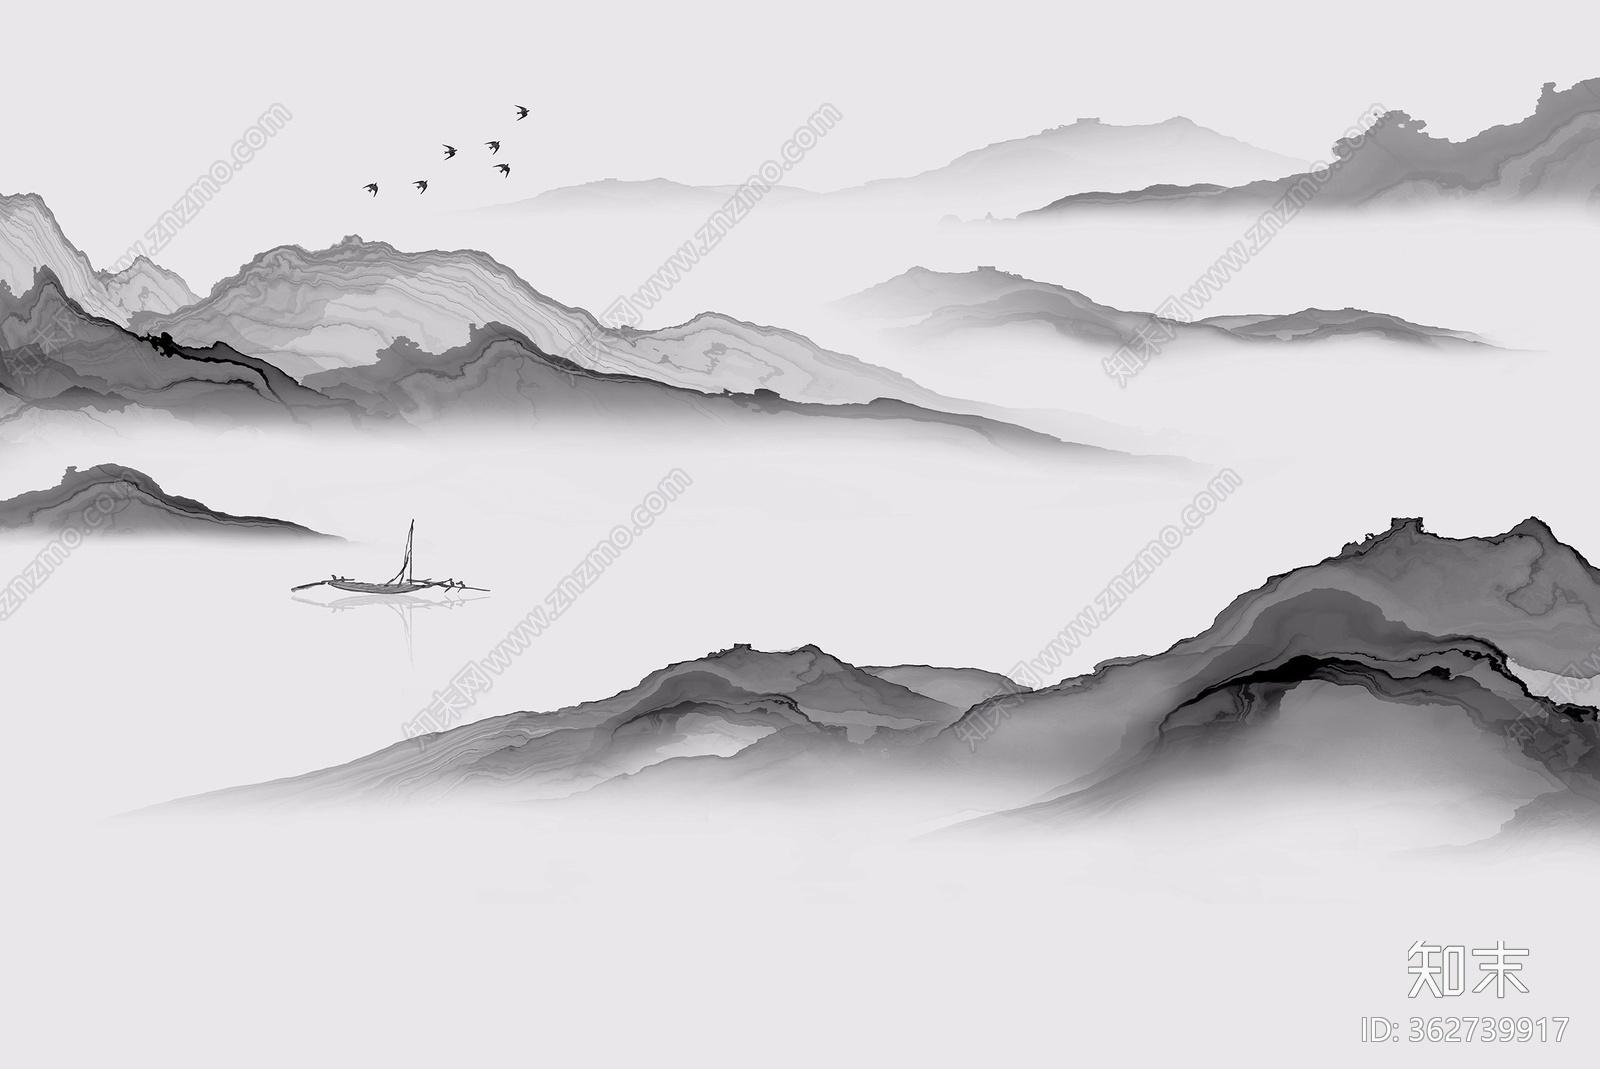 中式壁画贴图贴图下载【ID:362739917】